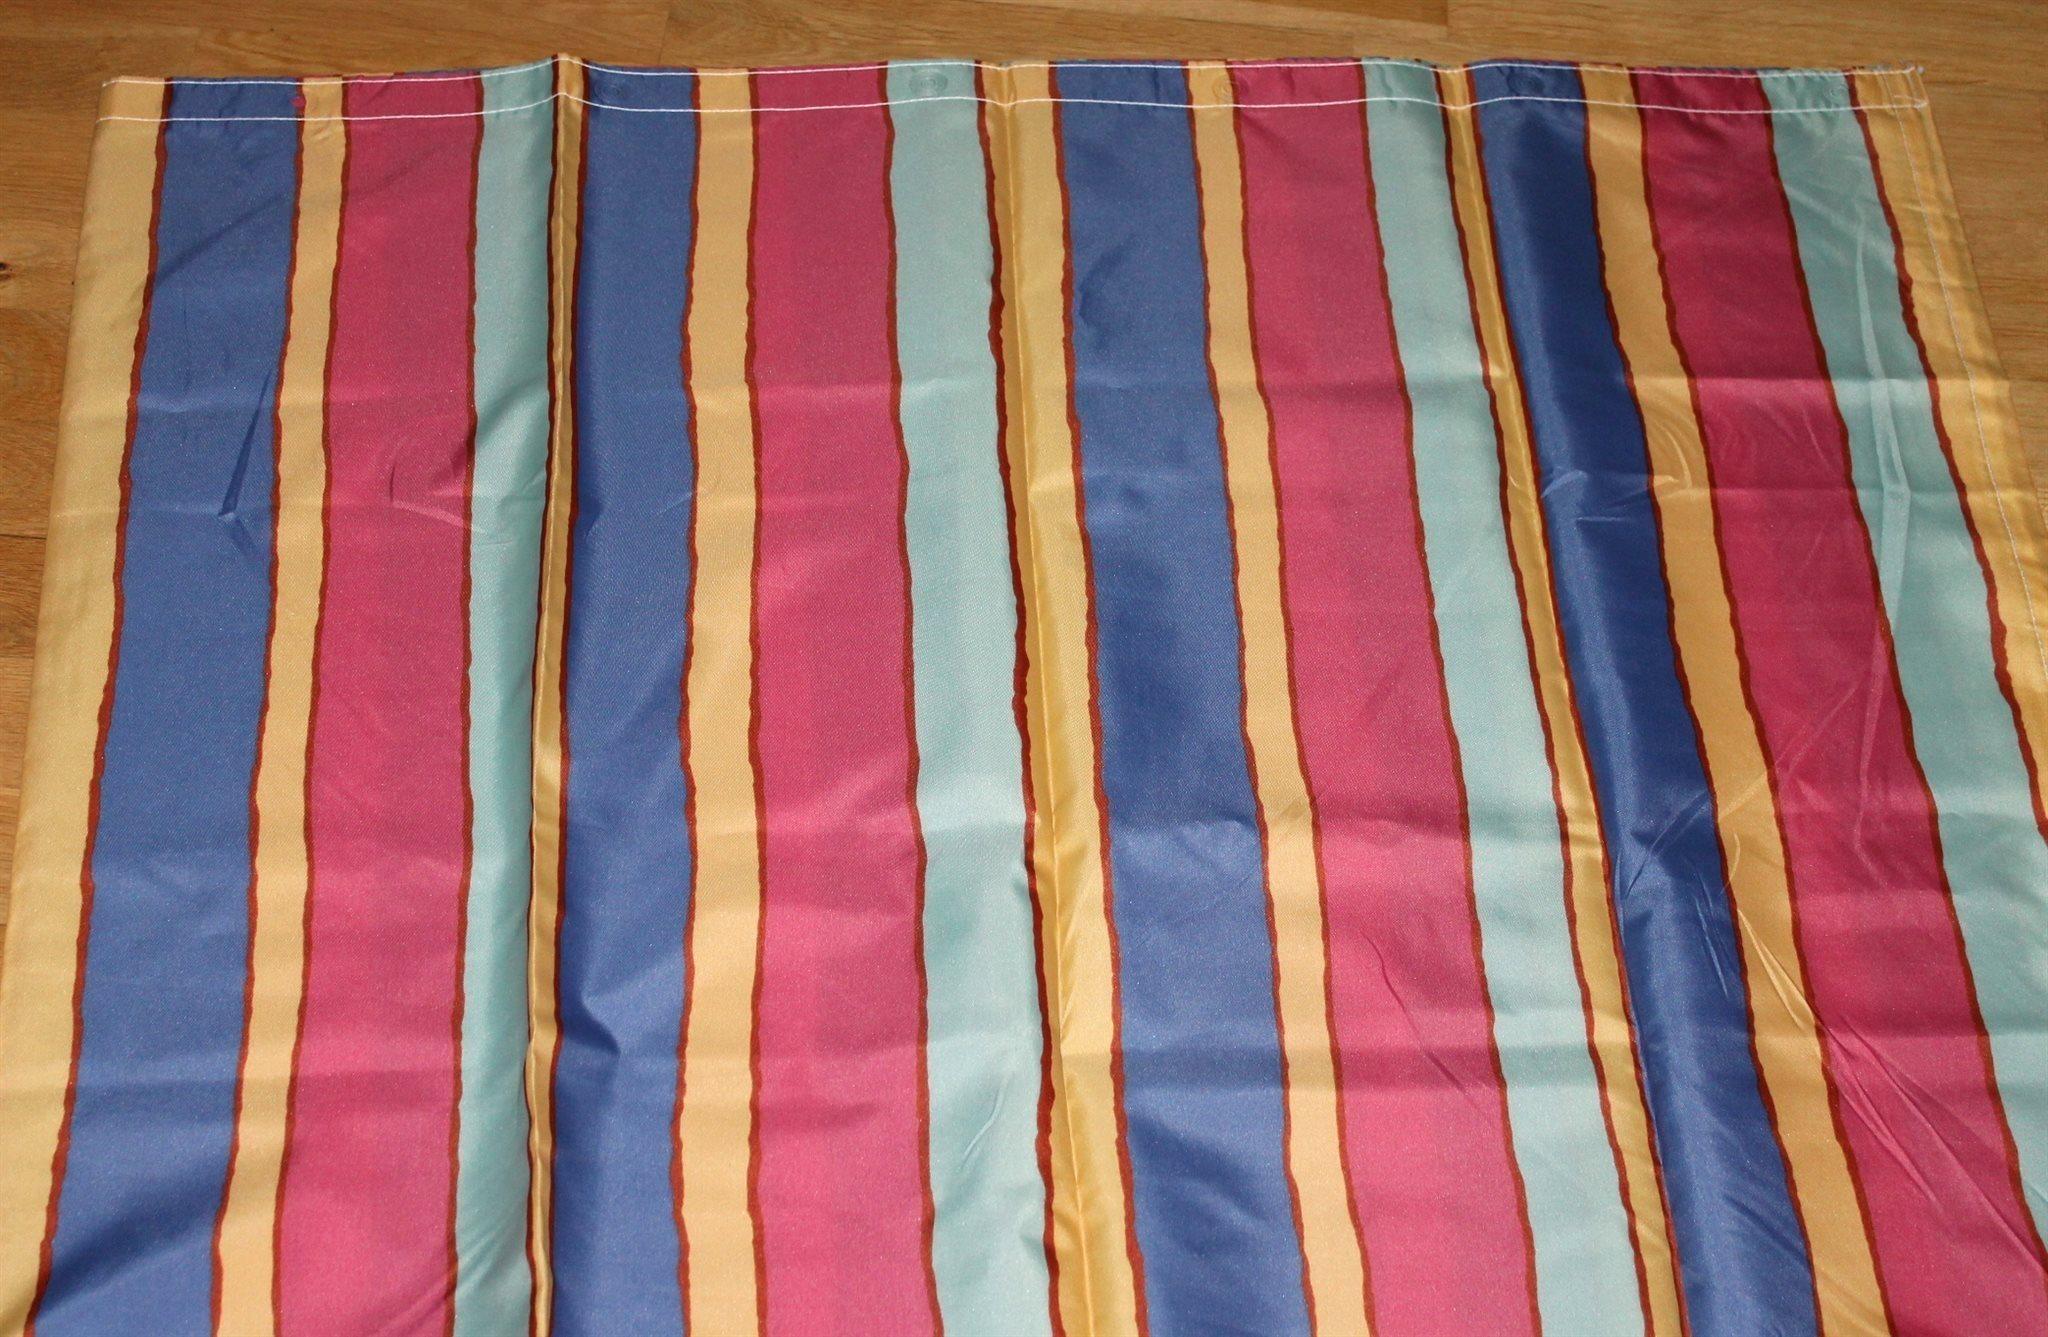 Nytt duschdraperi färgglatt randigt (340523983) ᐈ Köp på Tradera 838c80521b8c5